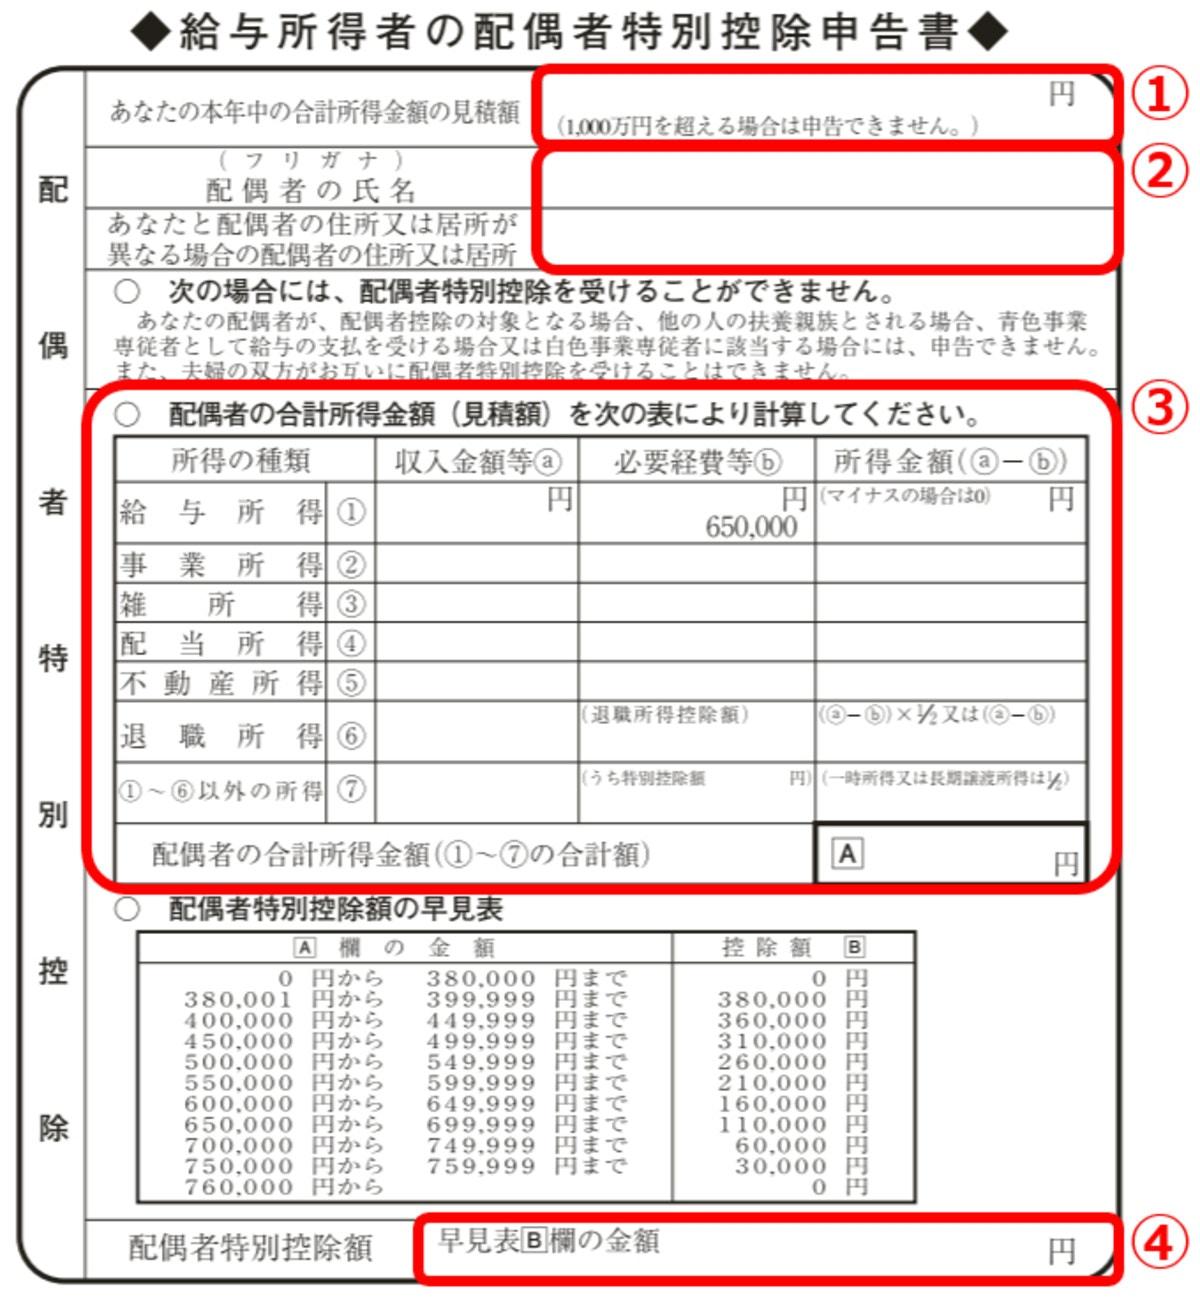 配偶者特別控除申告書の書き方0(編集部にて作成)